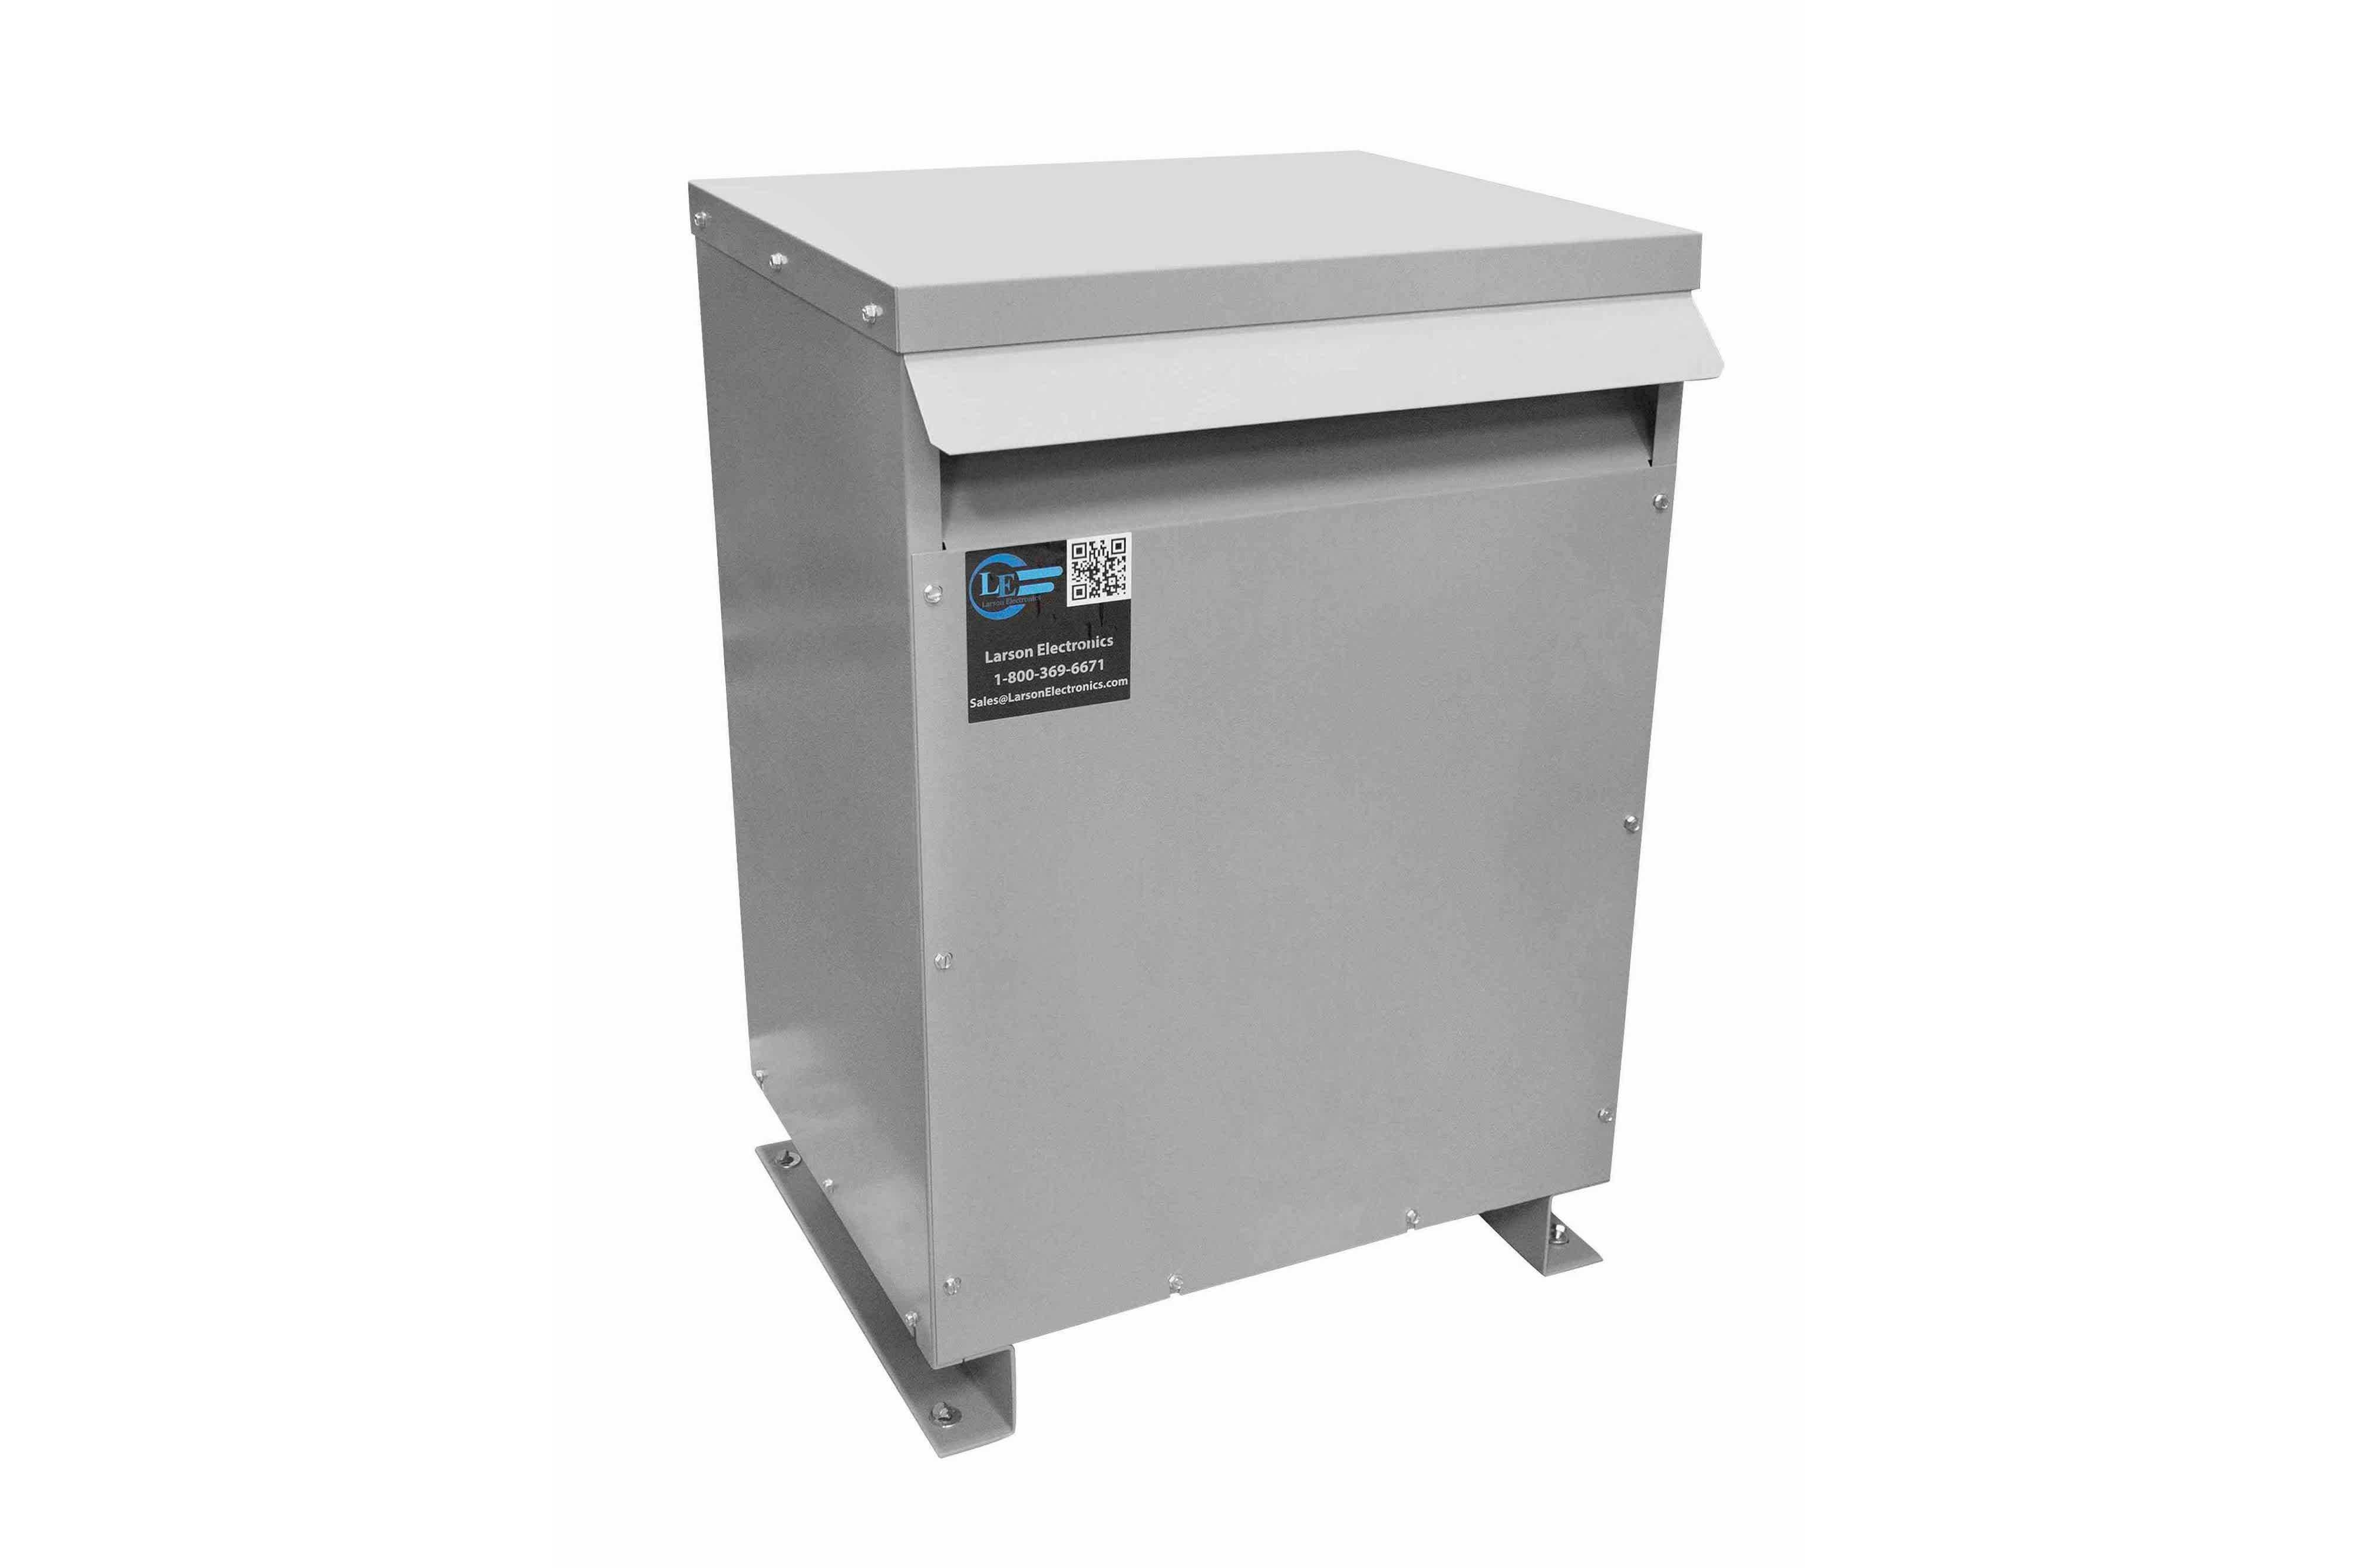 150 kVA 3PH Isolation Transformer, 380V Delta Primary, 240 Delta Secondary, N3R, Ventilated, 60 Hz